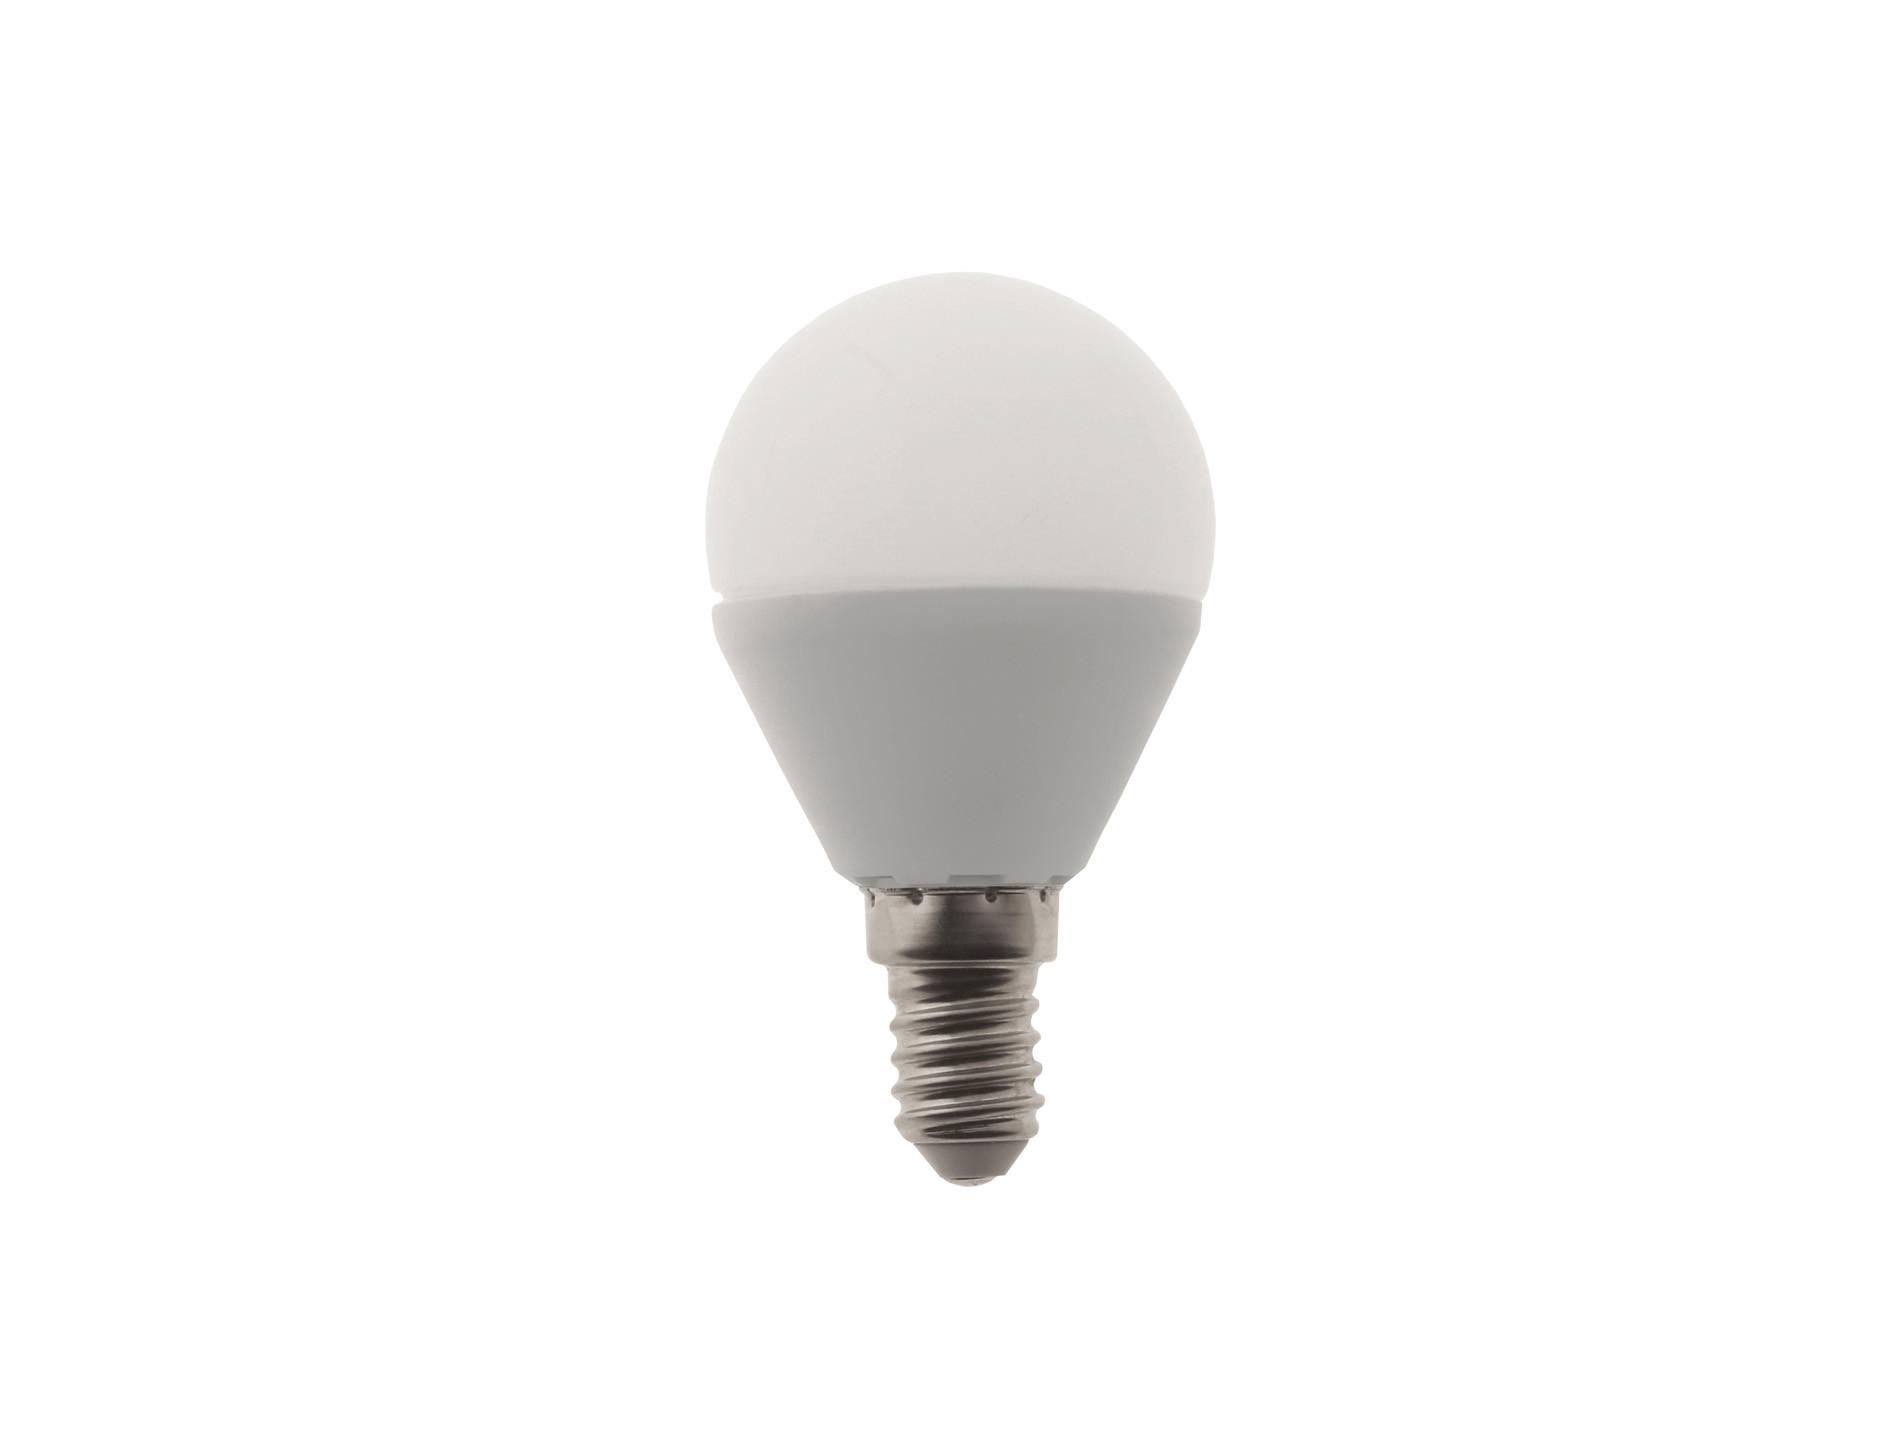 Et E14 Sphérique Electricité Éclairage Led Ampoule 5w 6500k rQhtsdC